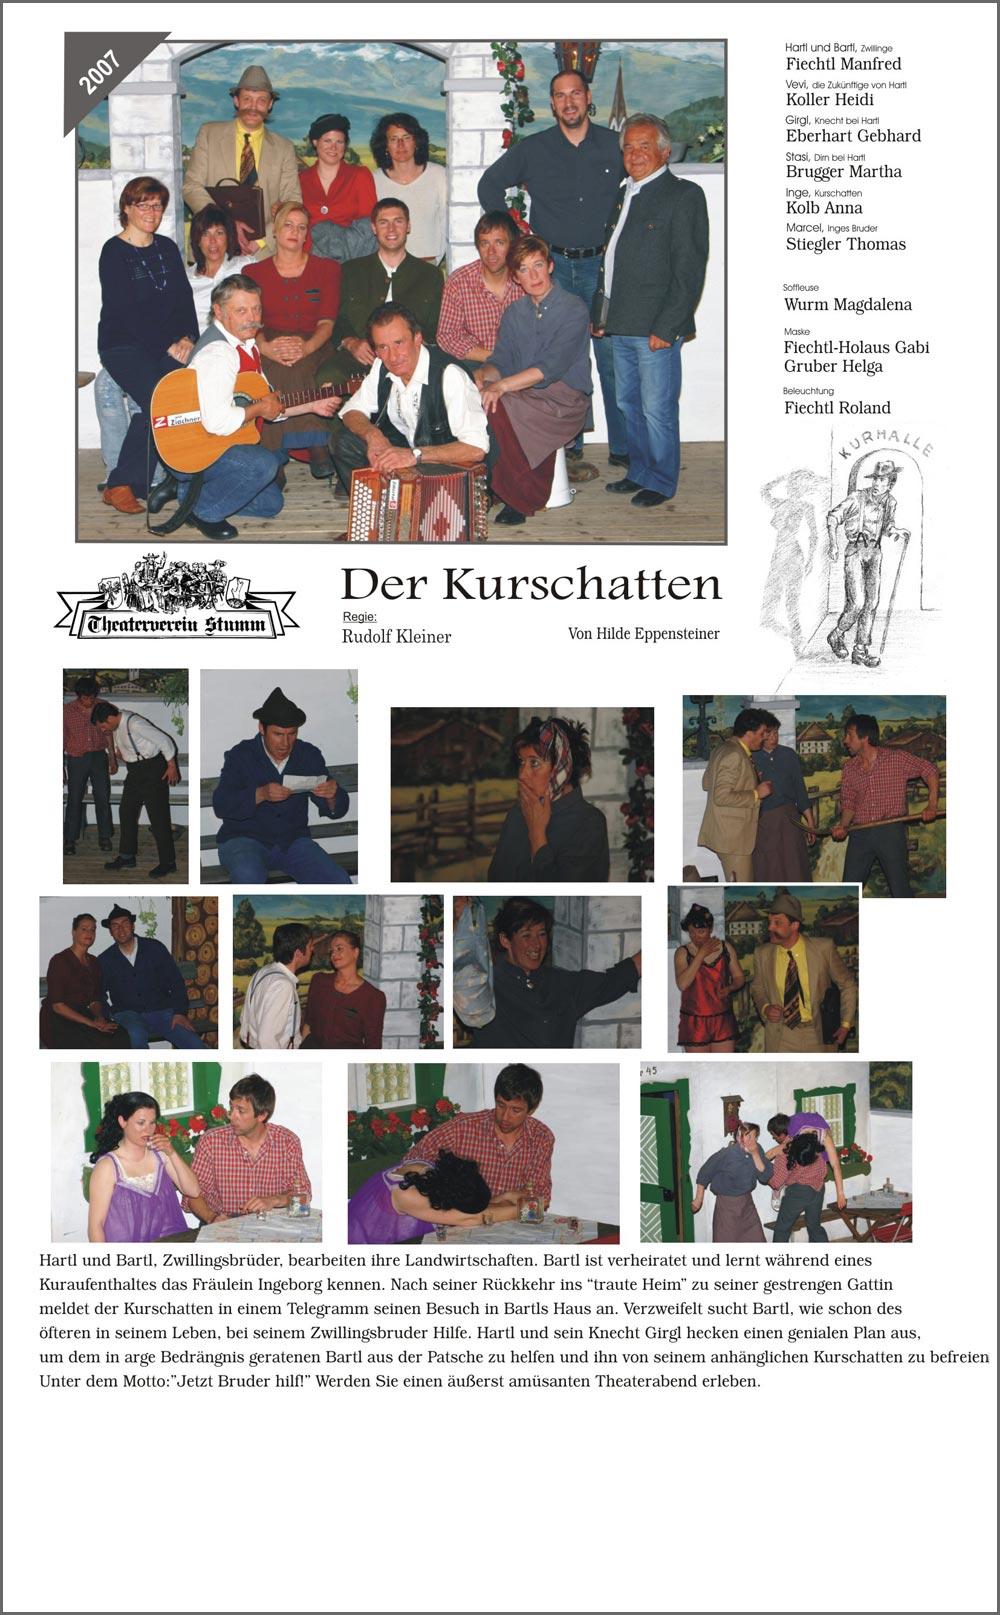 2007 Der Kurschatten